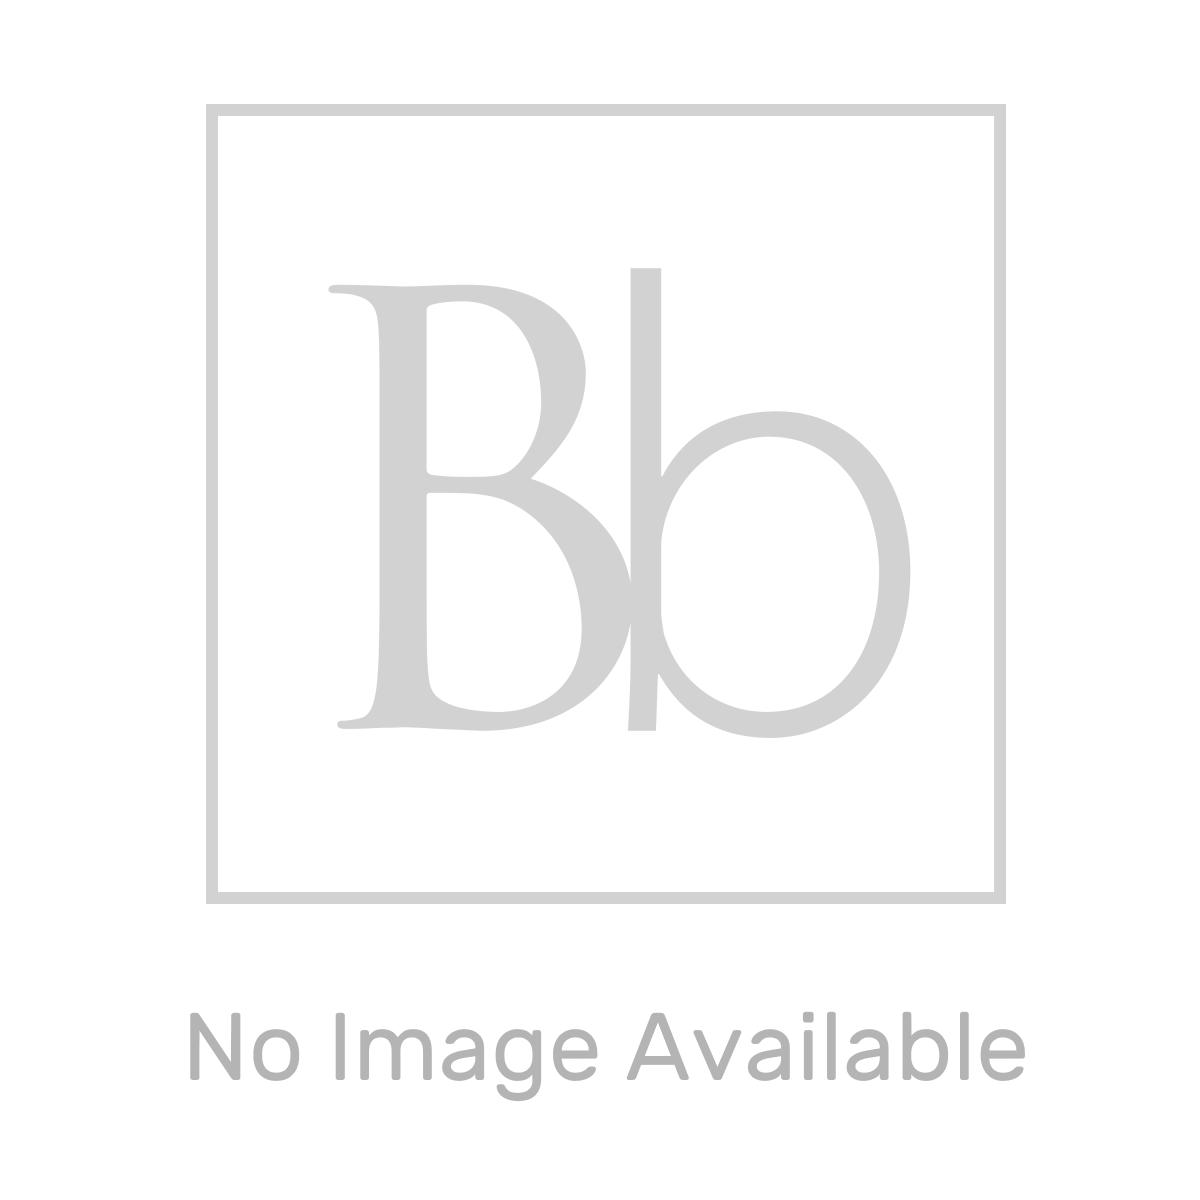 Zenith Stainless Steel Bathroom Sliding Door Cabinet Inside